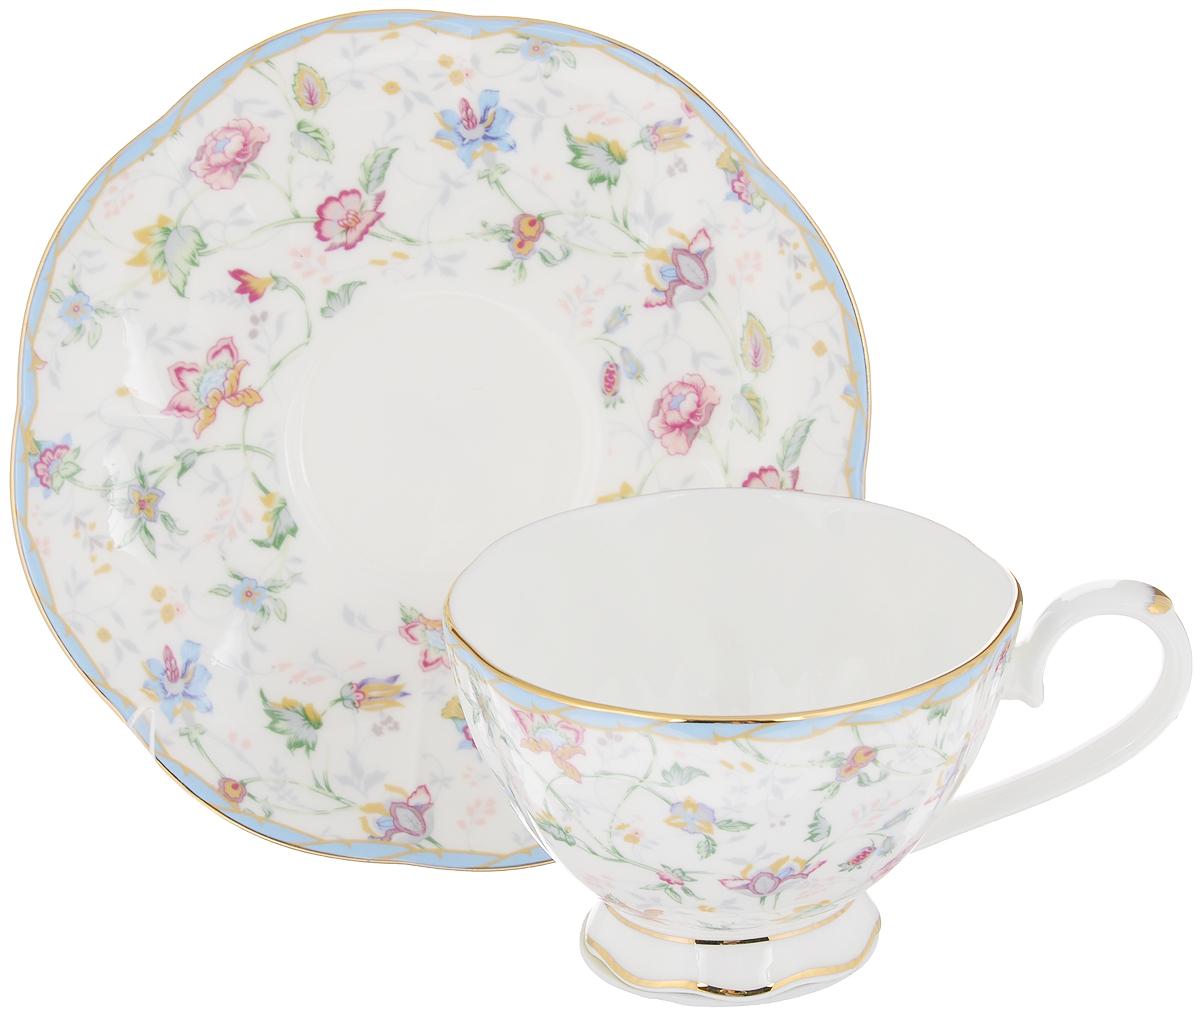 Чайная пара Цветочный каприз, 2 предмета530042Чайная пара Elan Gallery Цветочный каприз состоит из чашки и блюдца, изготовленных из керамики высшего качества, отличающегося необыкновенной прочностью и небольшим весом. Яркий дизайн, несомненно, придется вам по вкусу.Чайная пара Elan Gallery Цветочный каприз украсит ваш кухонный стол, а также станет замечательным подарком к любому празднику.Не рекомендуется применять абразивные моющие средства. Не использовать в микроволновой печи.Объем чашки: 250 мл.Диаметр чашки (по верхнему краю): 10 см.Высота чашки: 6,5 см.Диаметр блюдца: 16 см.Высота блюдца: 2,2 см.